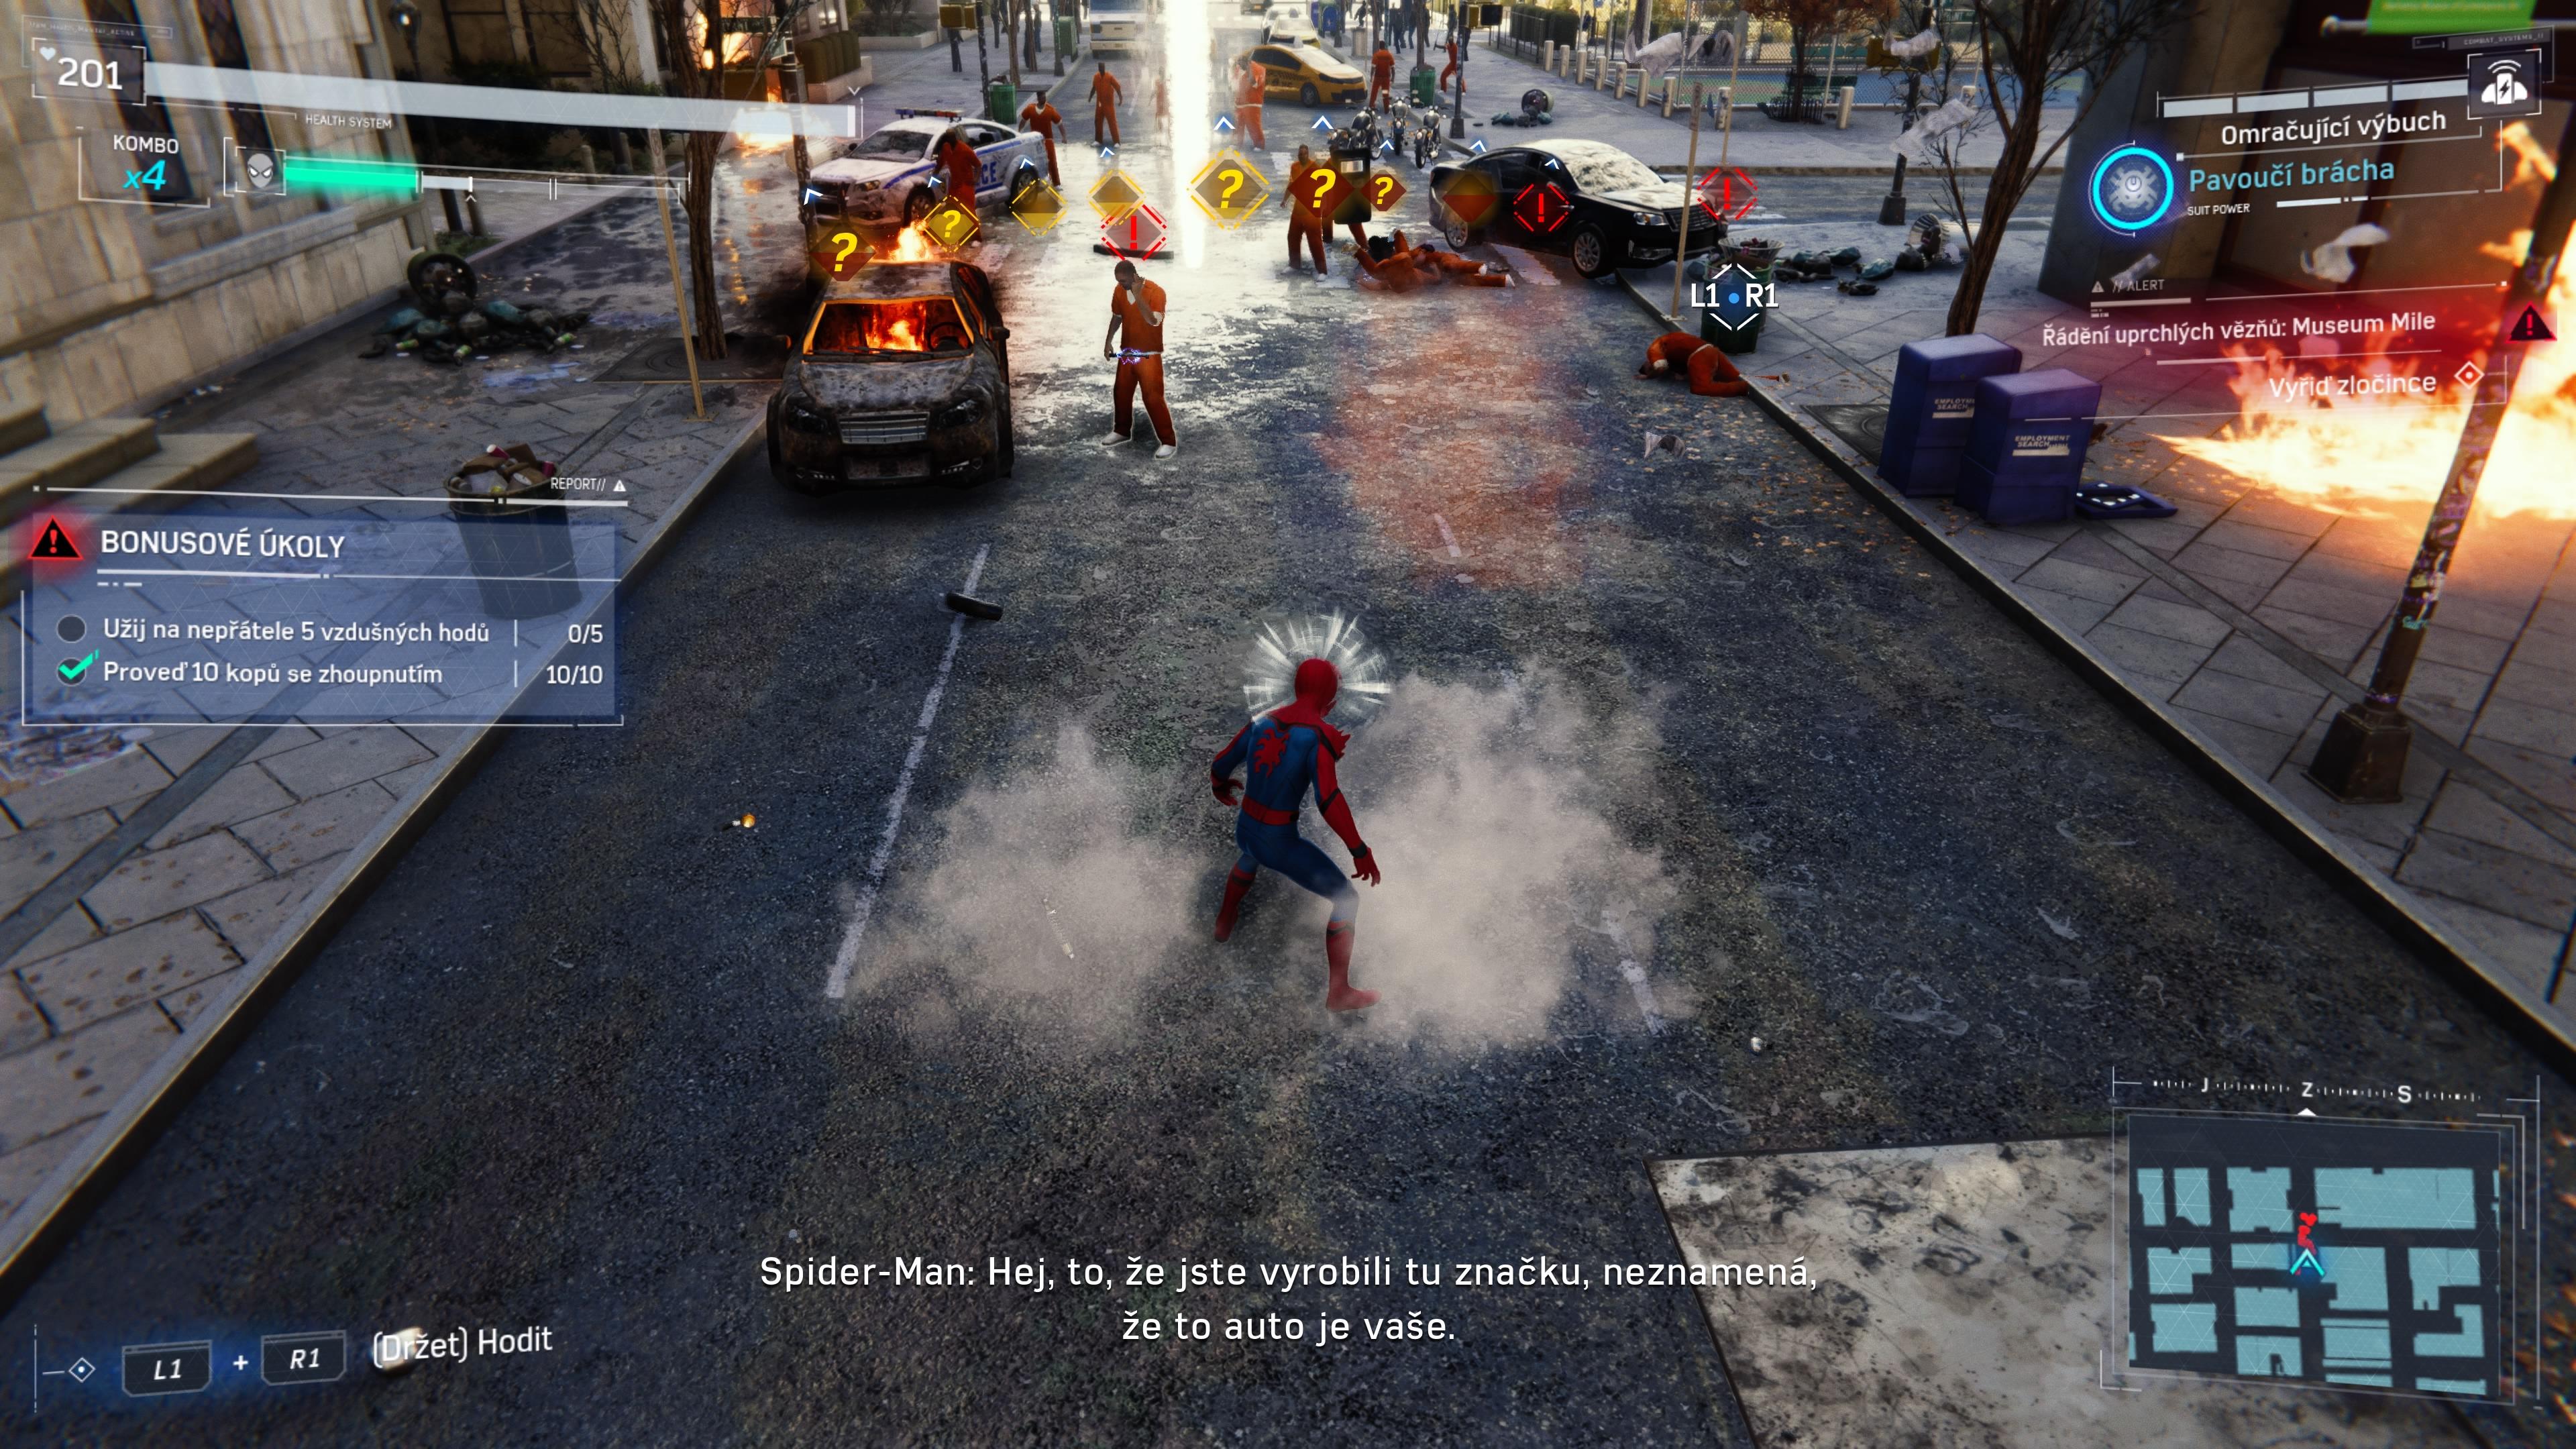 Spidermanovy hlášky